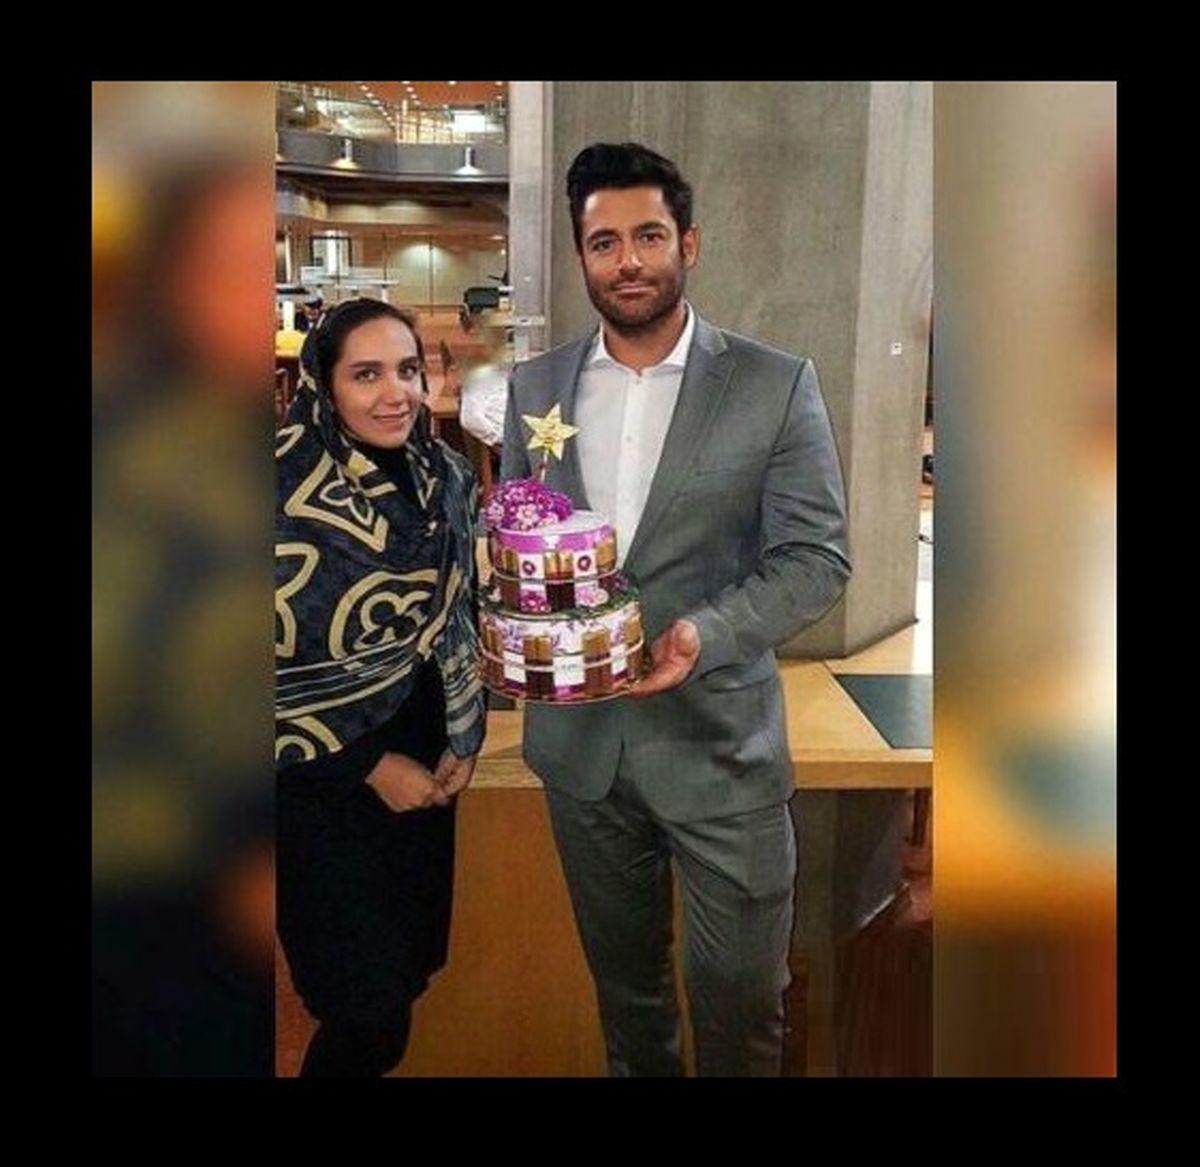 بغل کردن دختر بدون روسری توسط محمدرضا گلزار جنجالی شد + فیلم لورفته